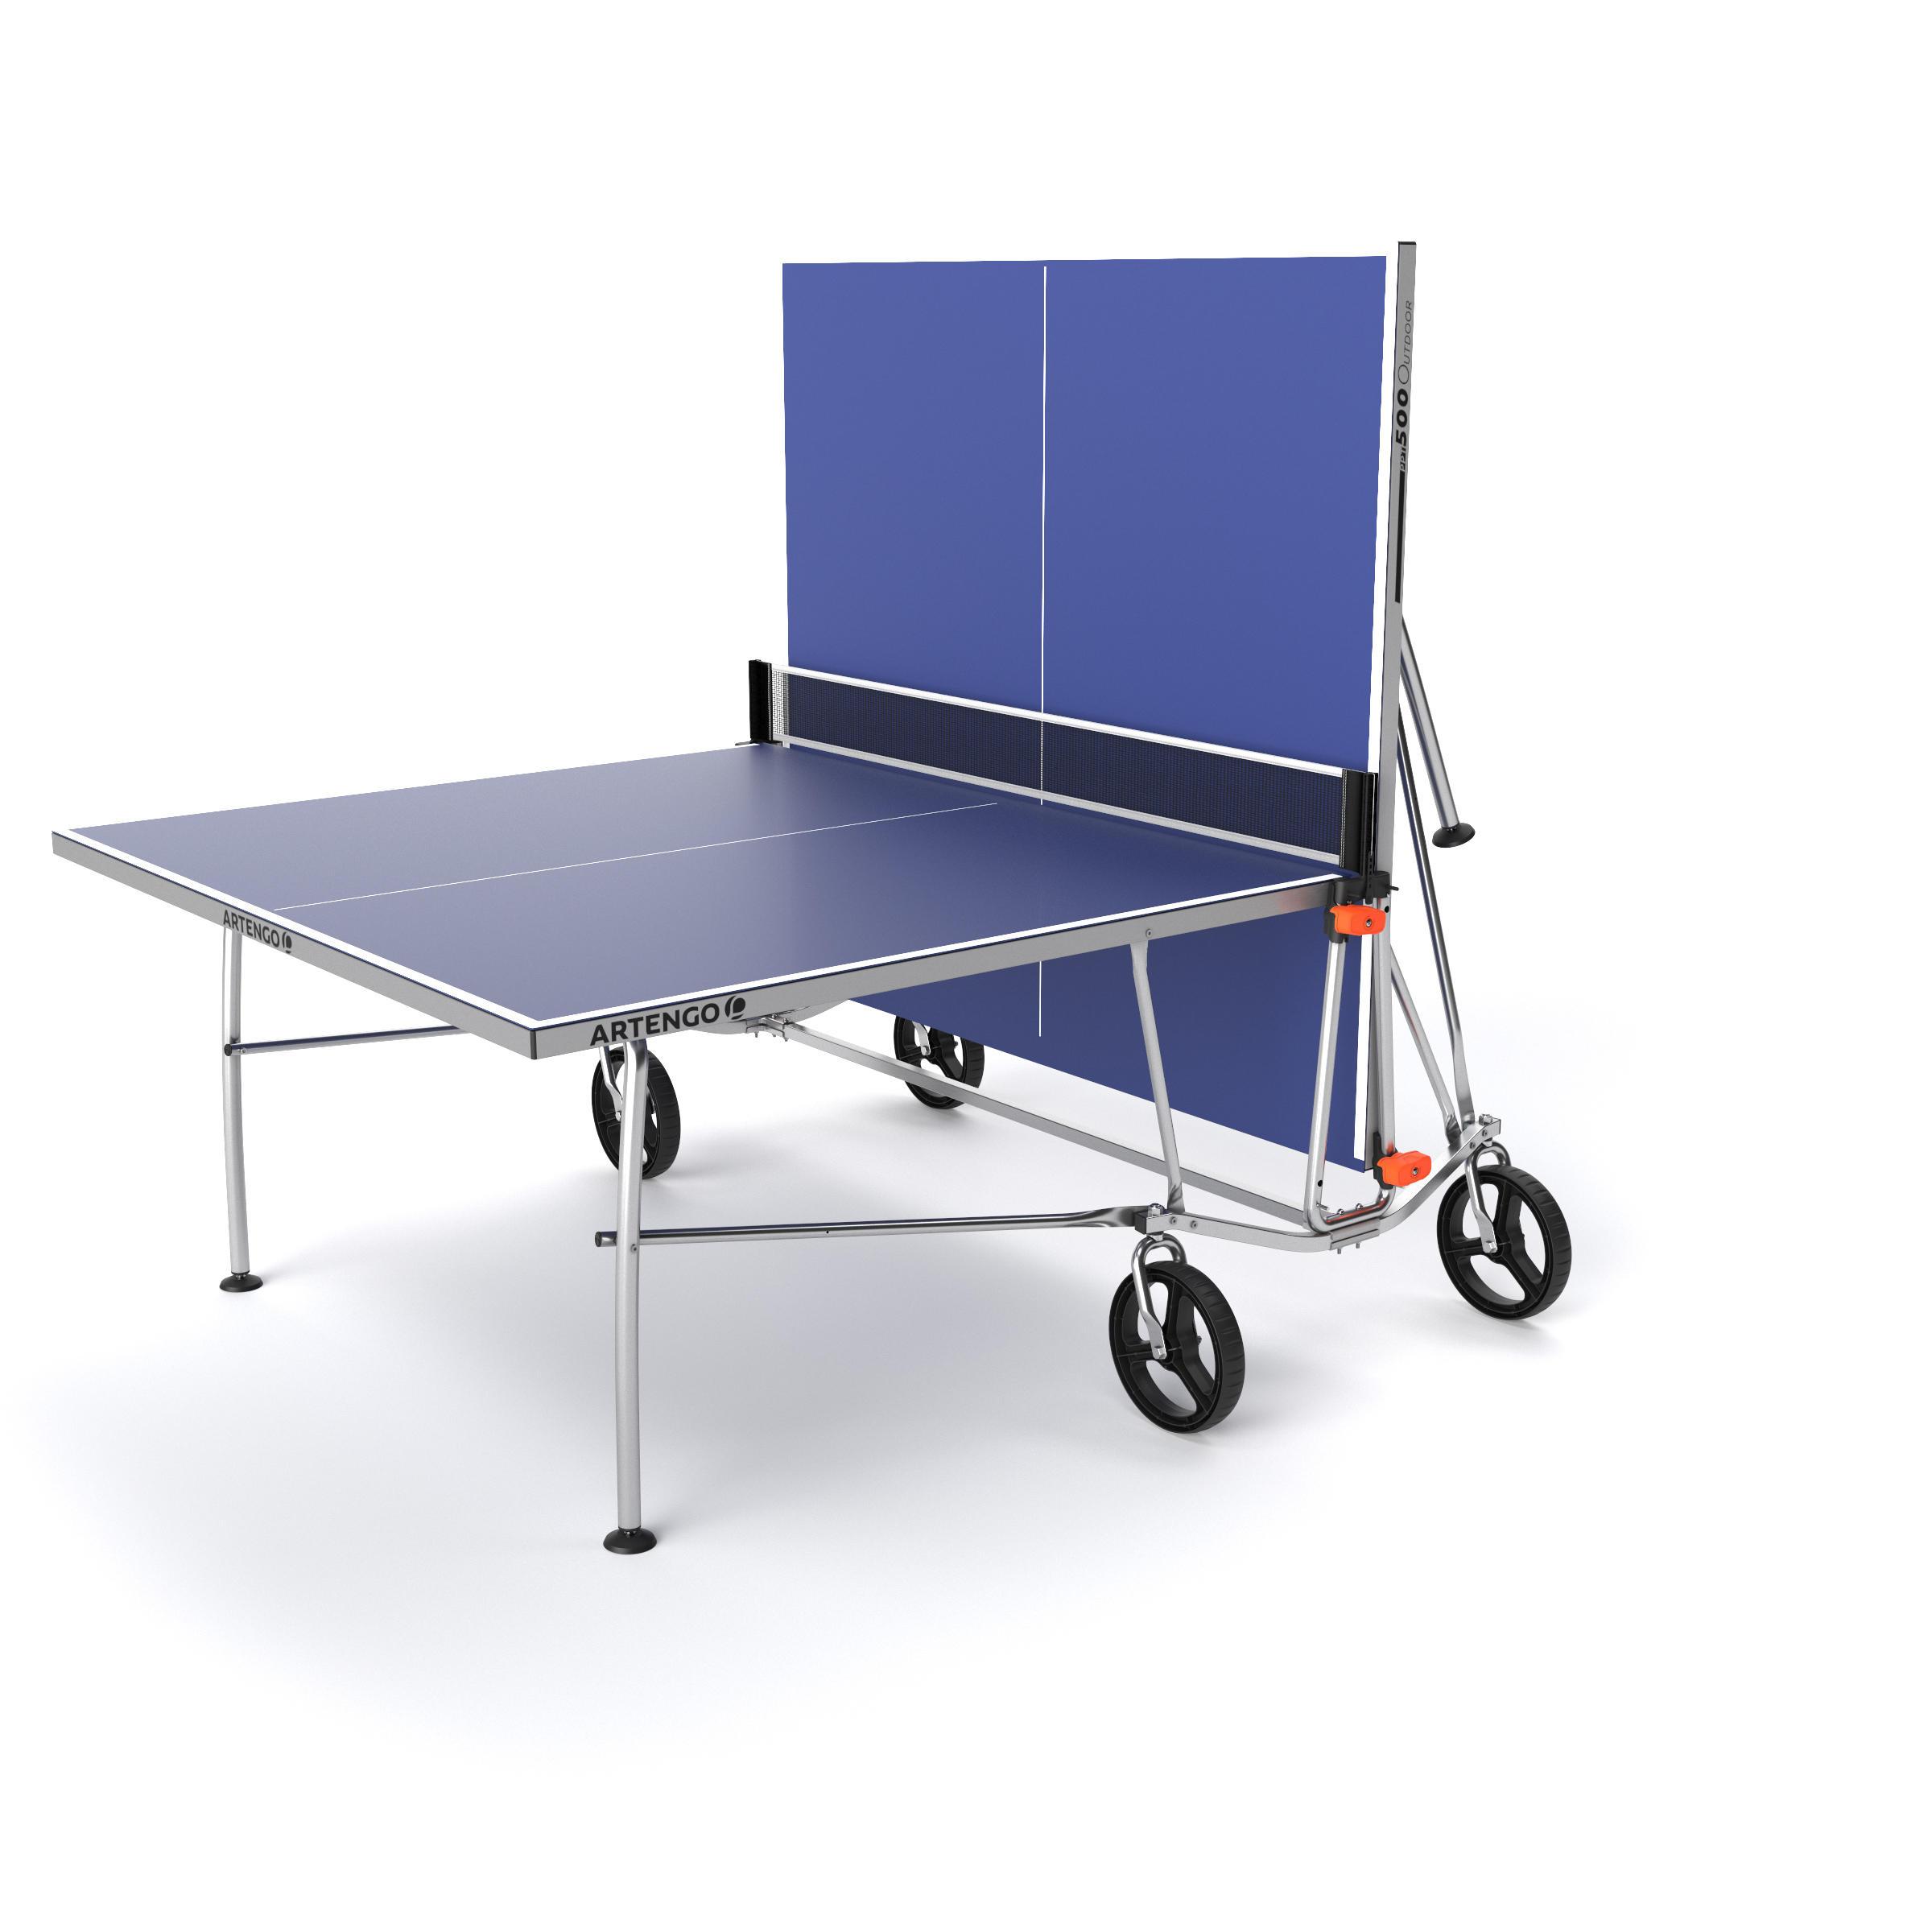 TABLE TENNIS LIBRE PPT 500 EXTÉRIEUR